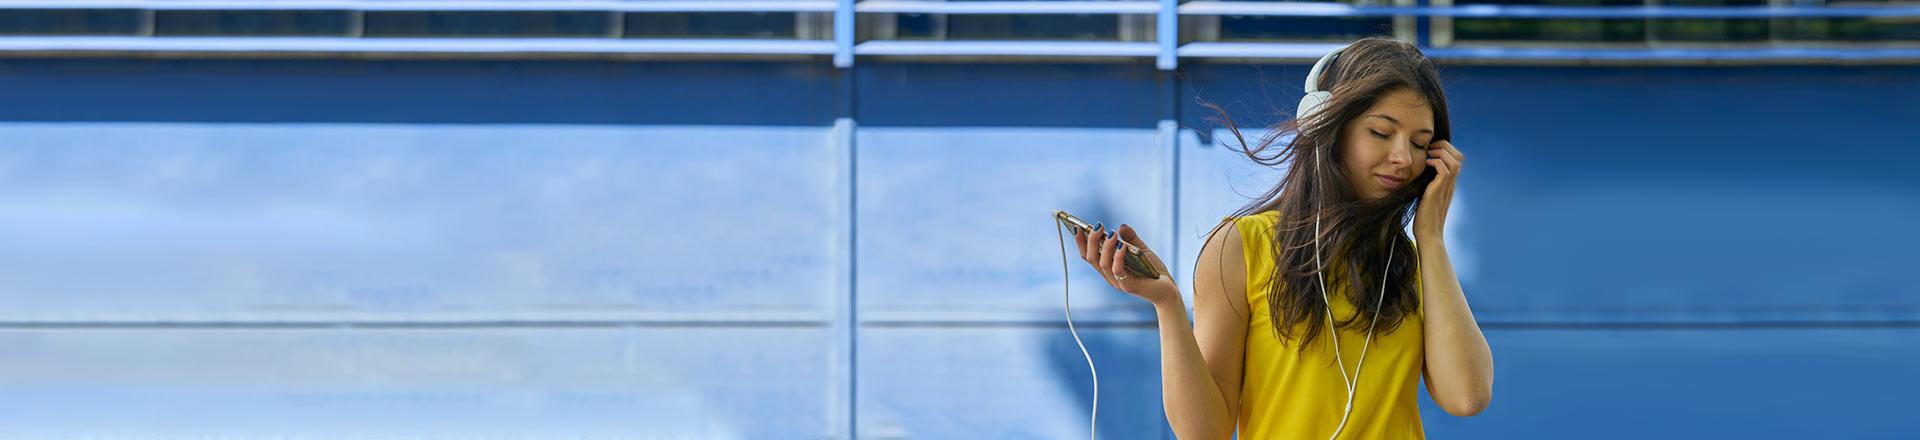 Beste Musik-App: Frau hört Musik